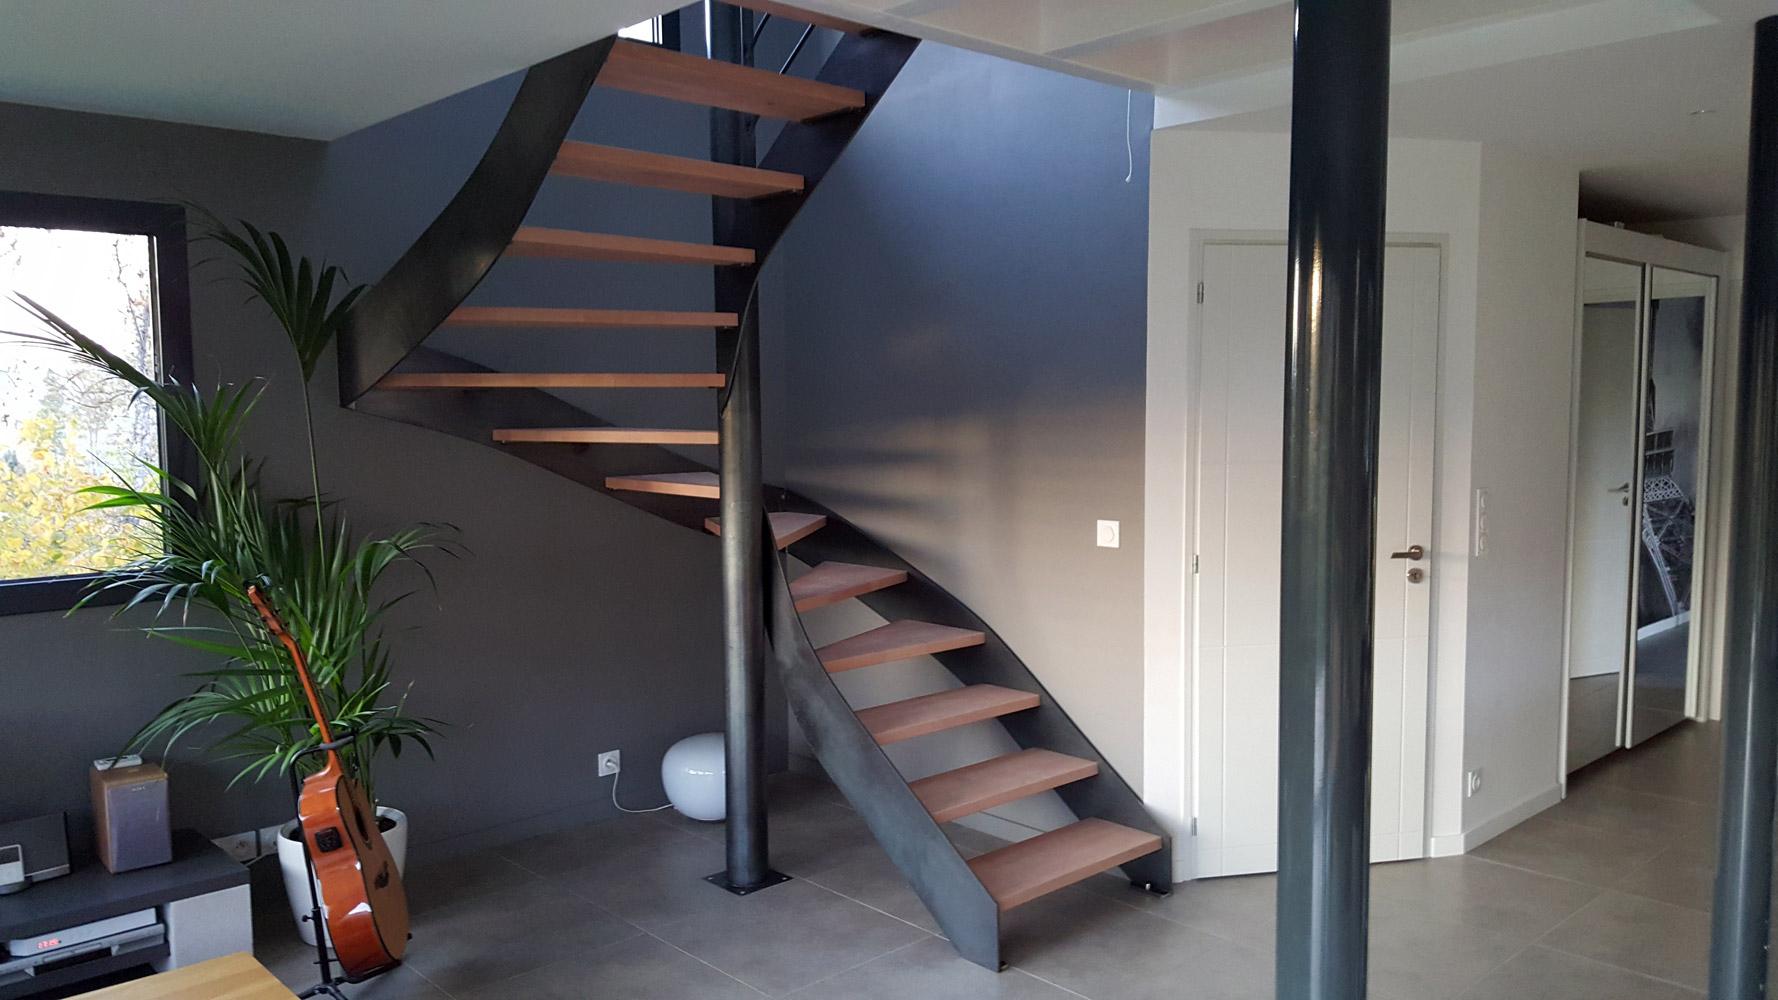 escalier 2 4 tournant pas cher amazing escalier tournant l anglaise avec garde corps en verre. Black Bedroom Furniture Sets. Home Design Ideas